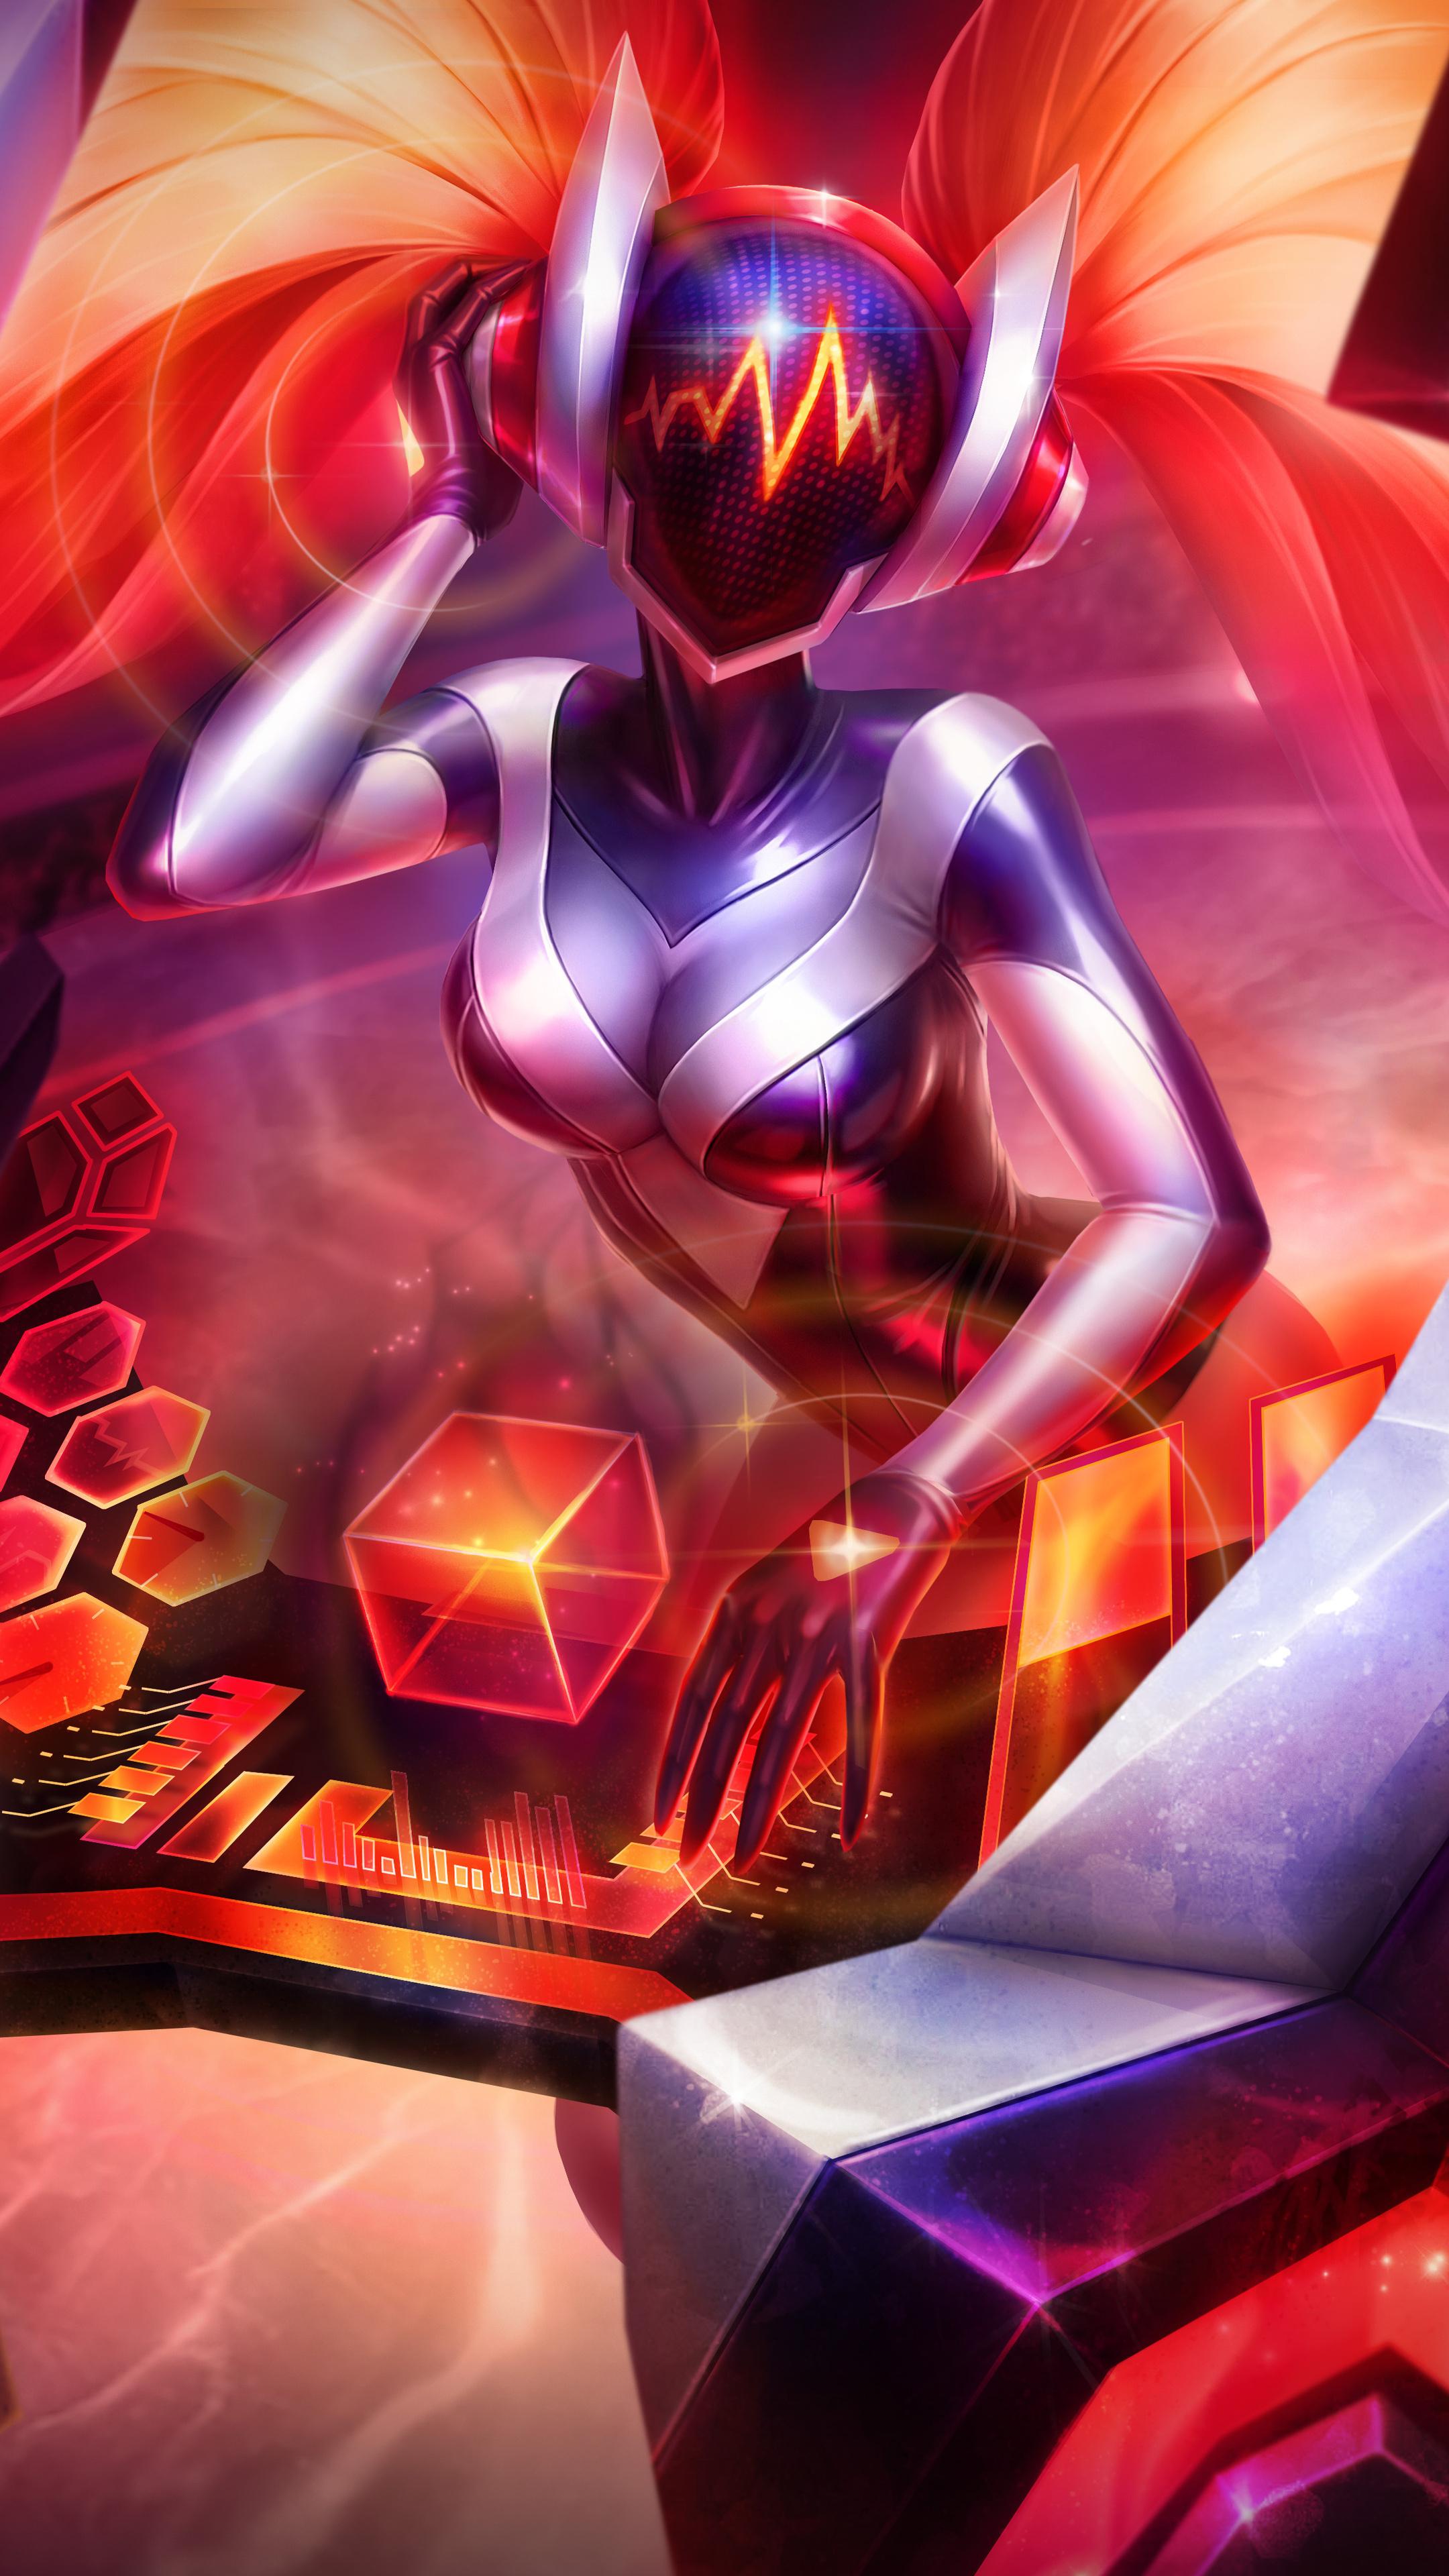 Dj Sona League Of Legends